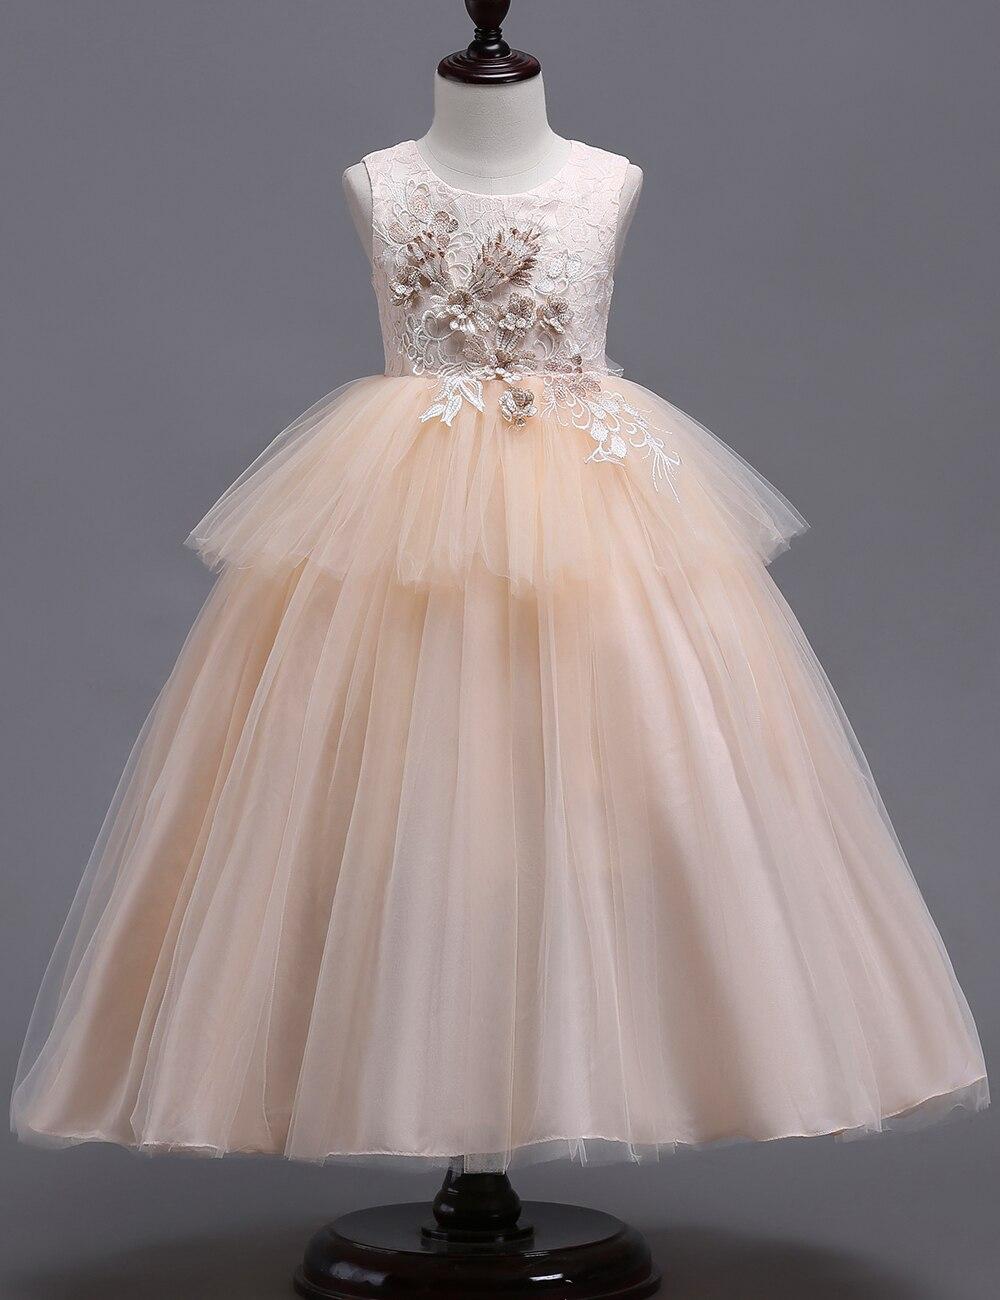 dfa1982315 Long Champagne Flower Girl Dresses - Data Dynamic AG